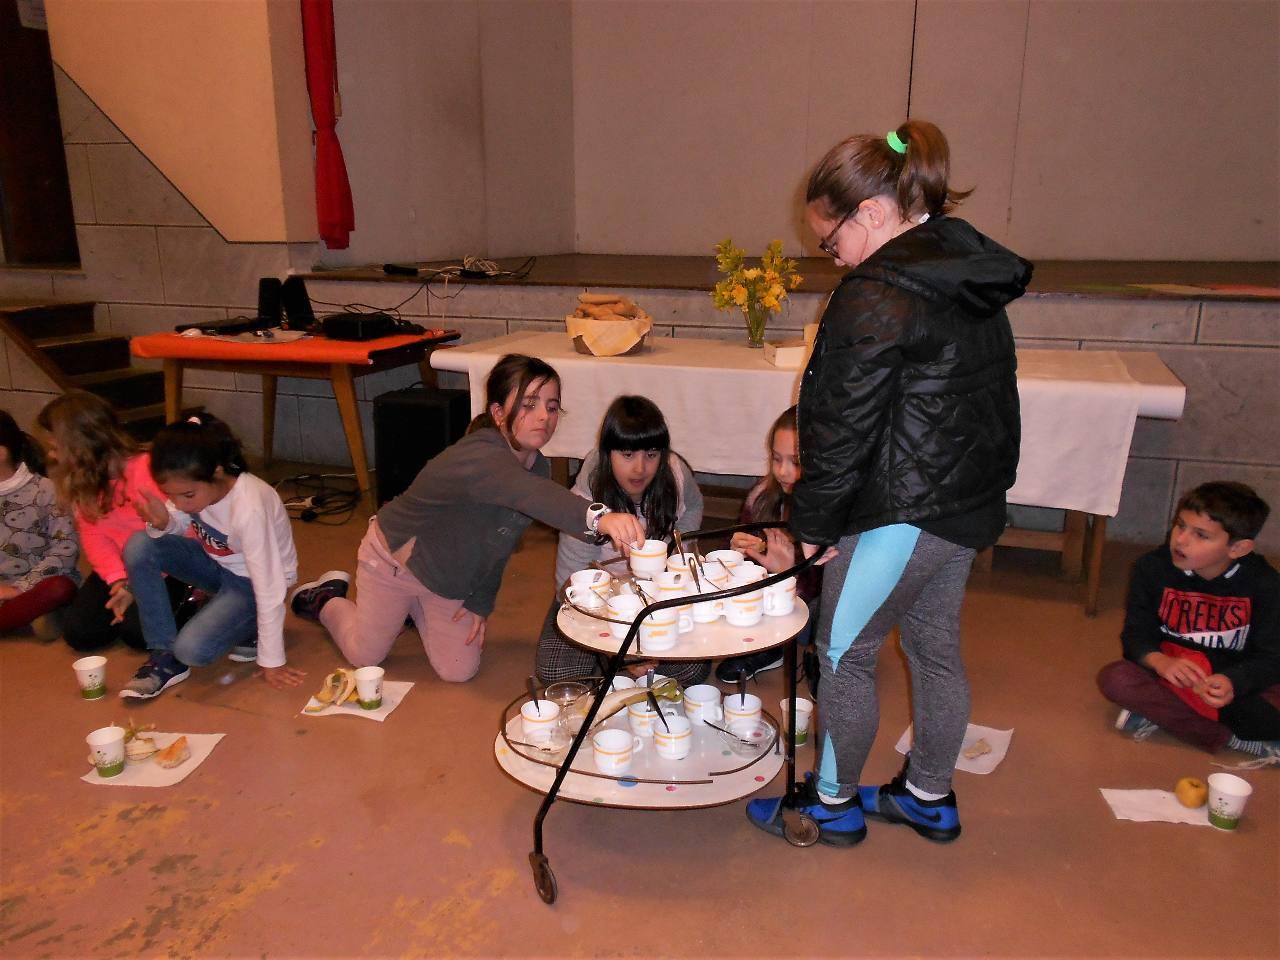 Puis c'est le ramassage des tasses vides. Plusieurs enfants nous ont aidé de différentes façons tout au long de la journée. Bravo !